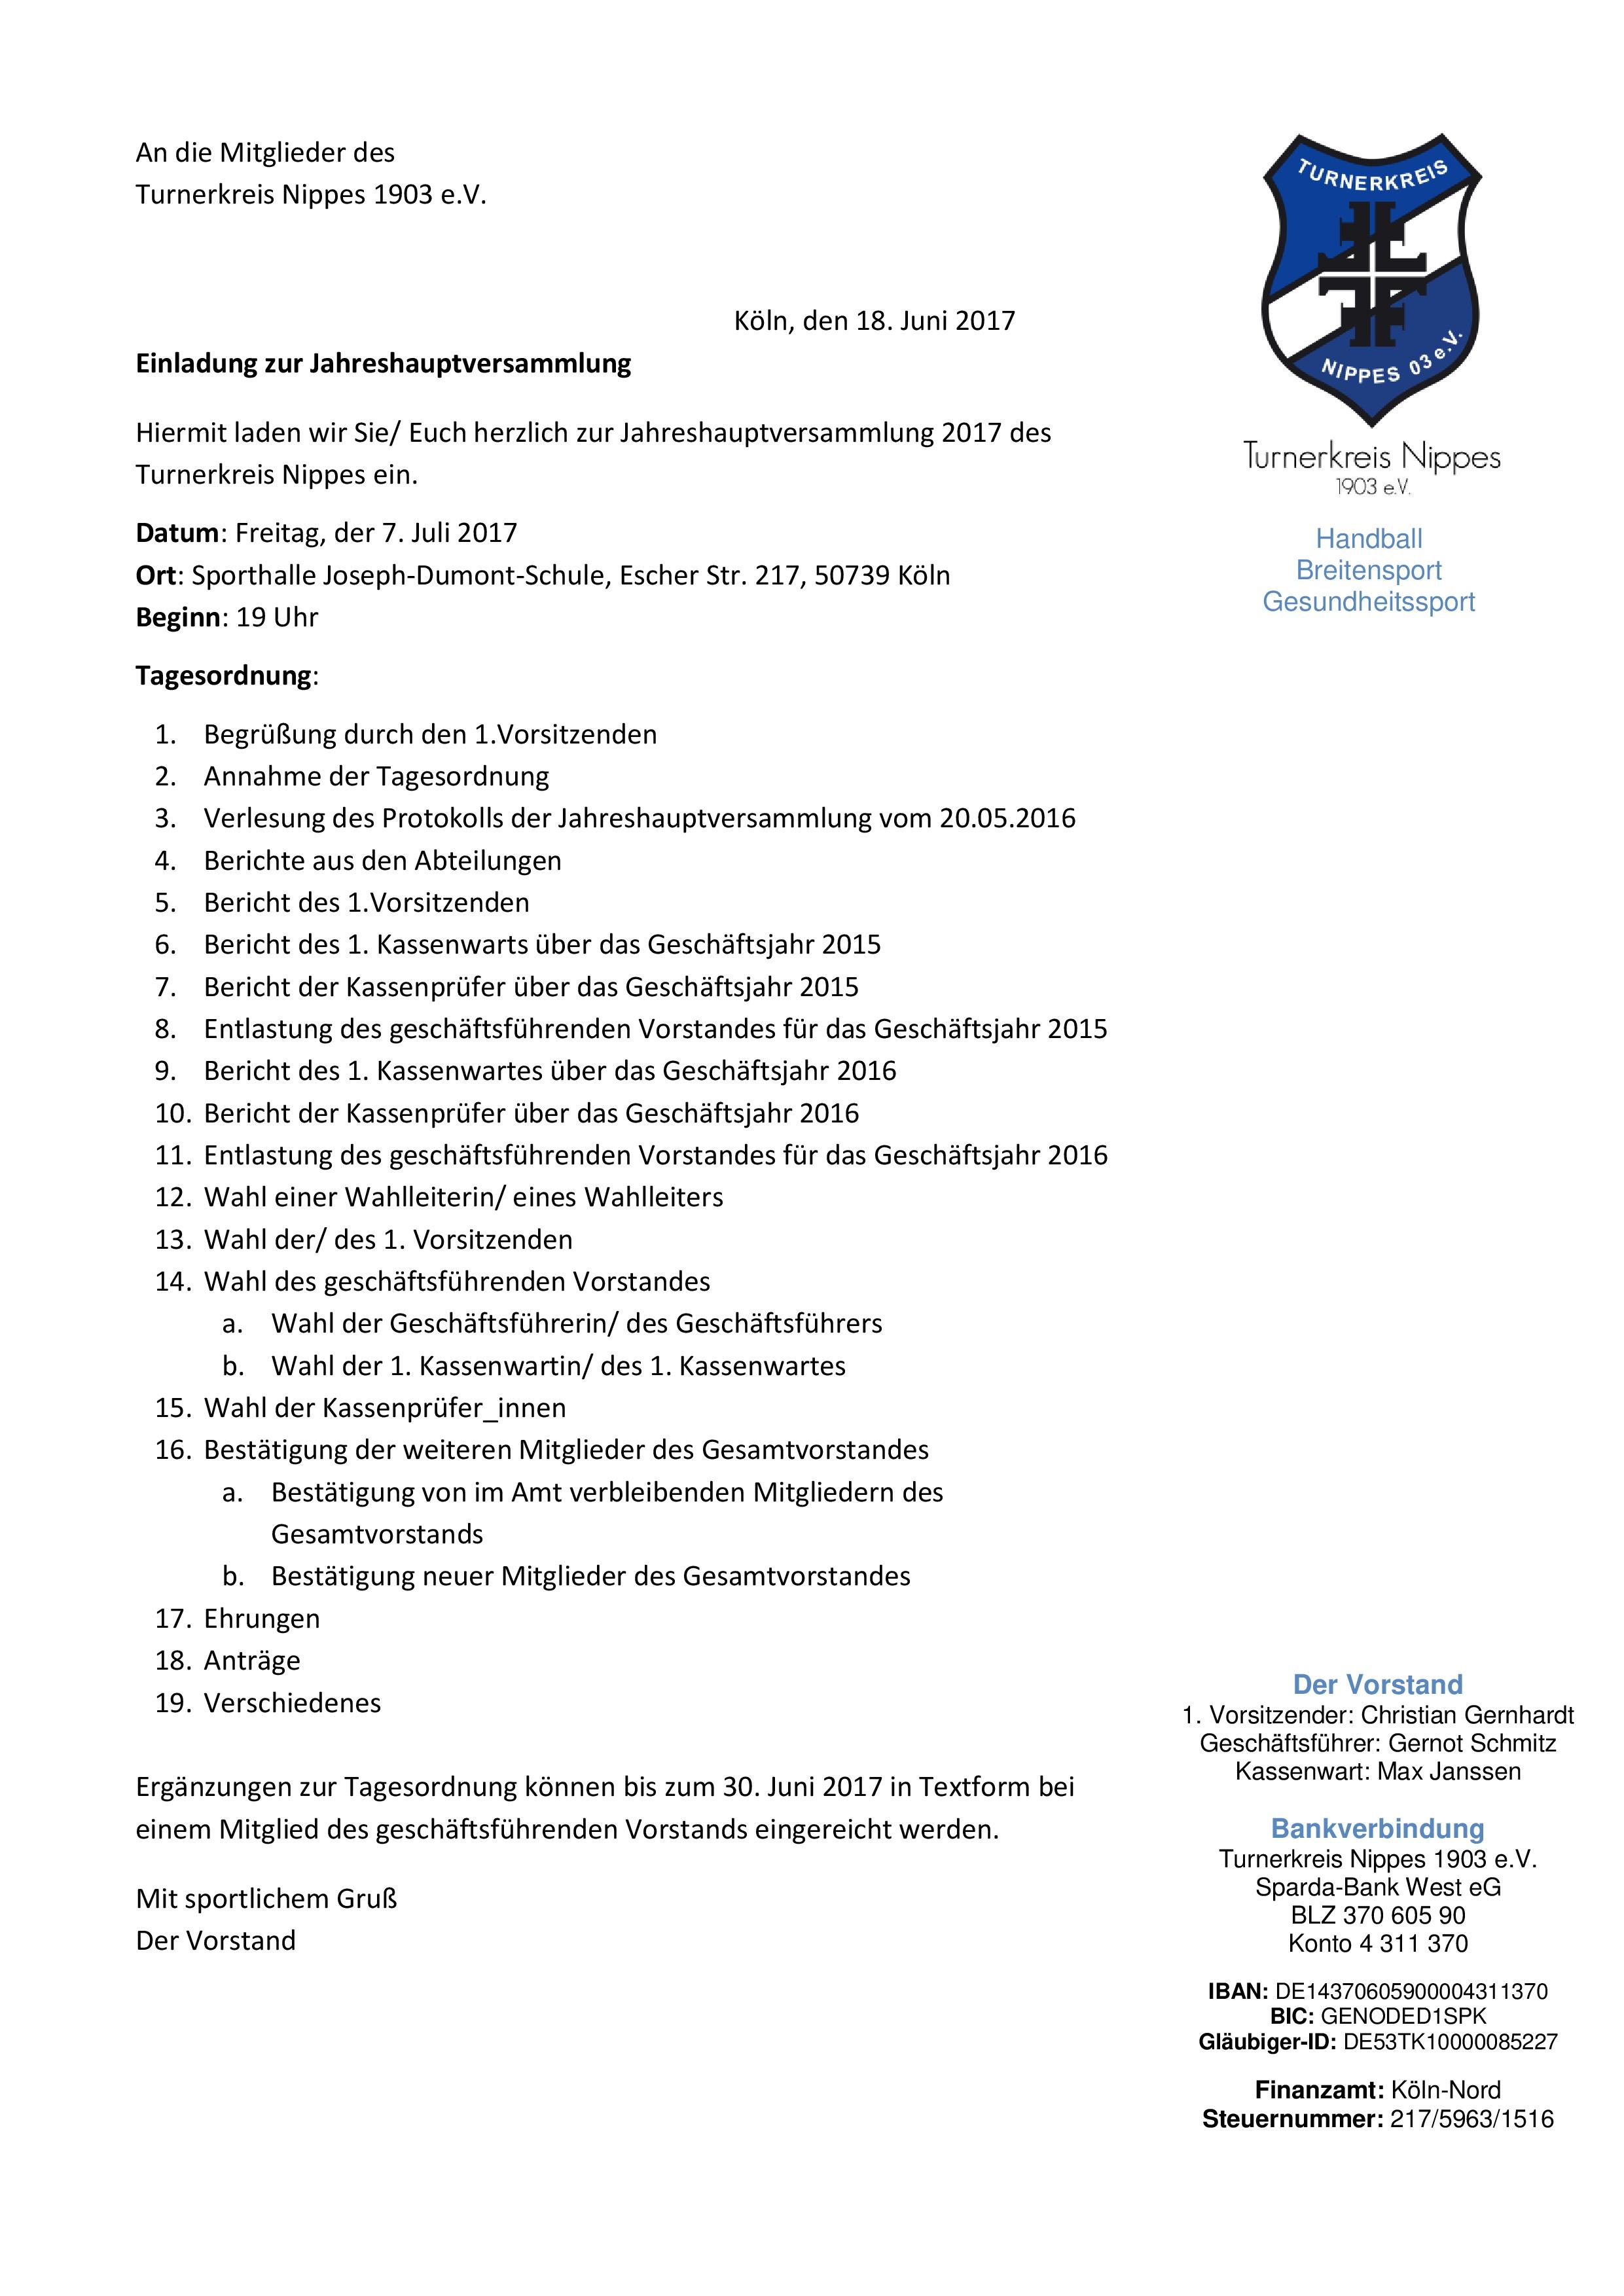 einladung jahreshauptversammlung 2017 - turnerkreis nippes, Einladung